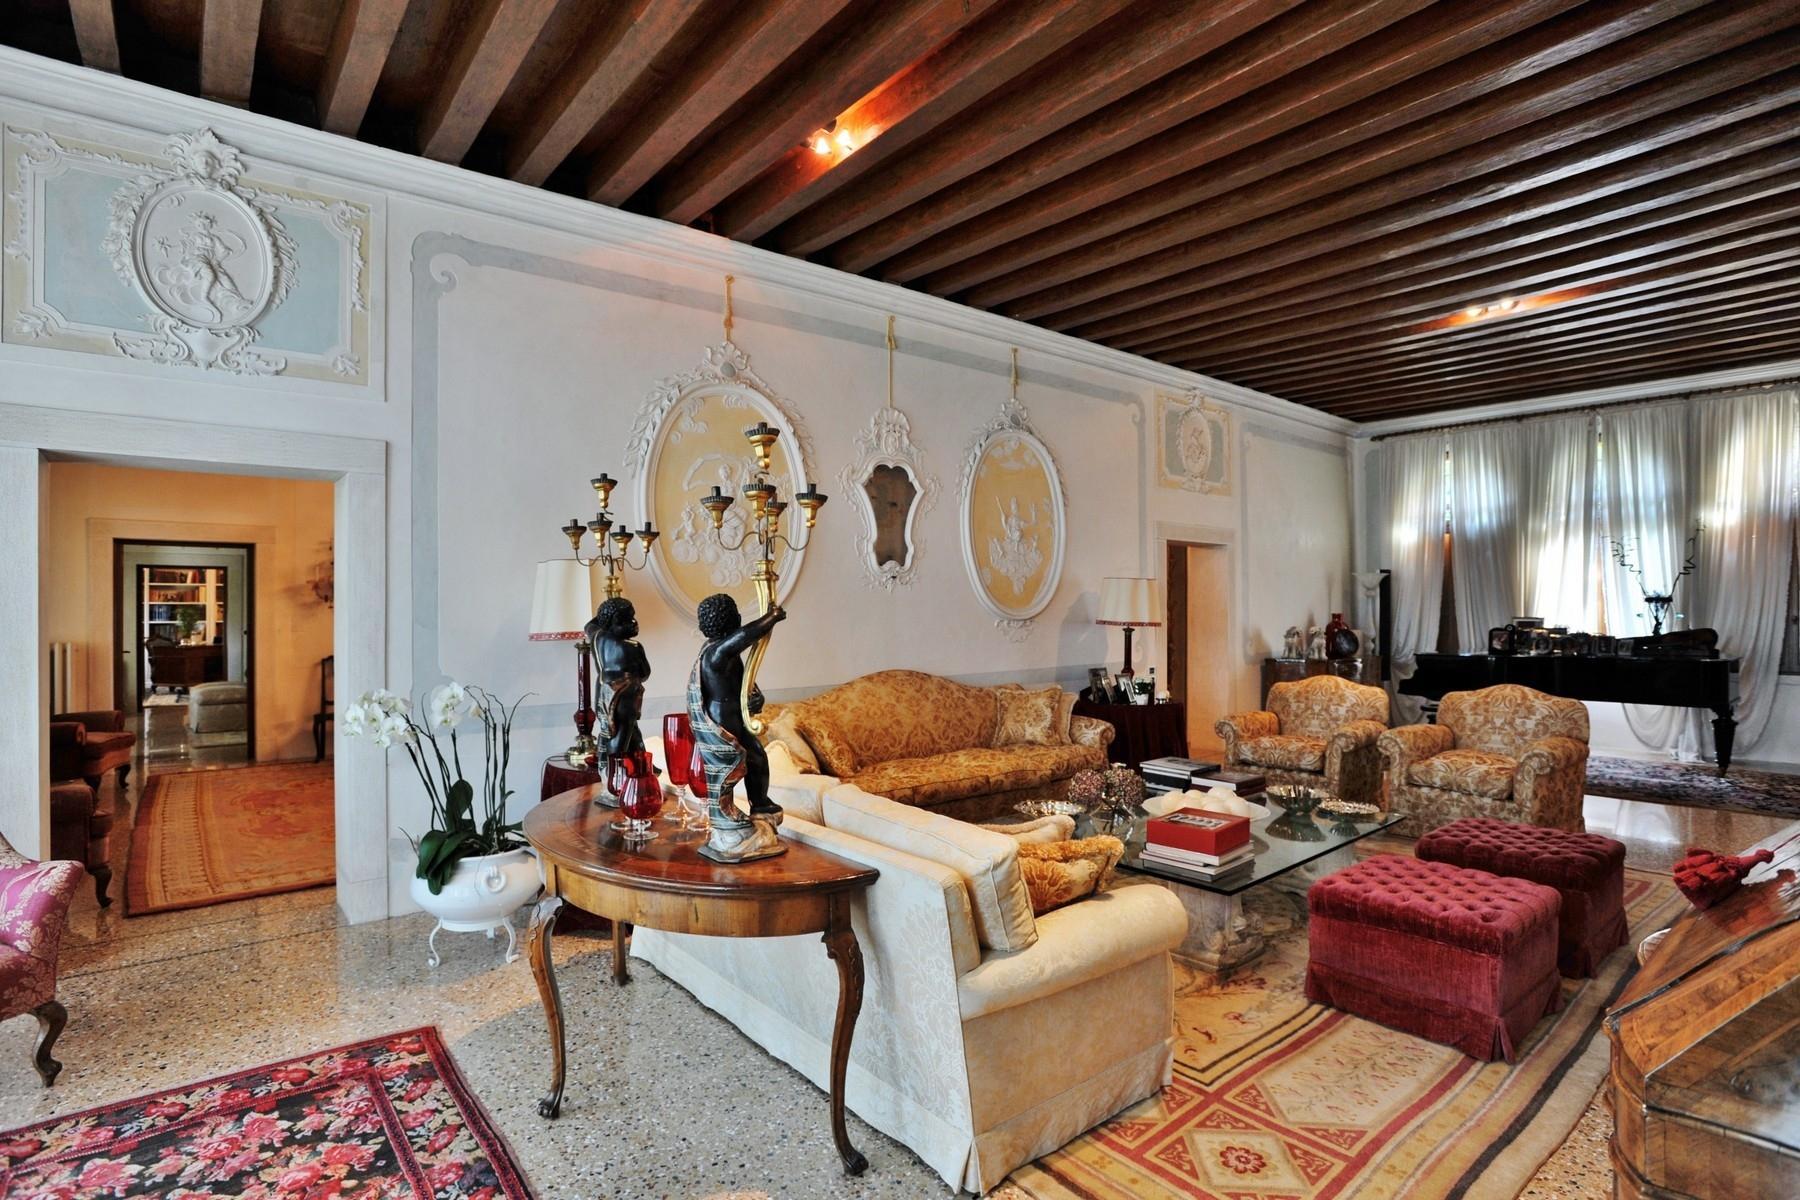 Meravigliosa Villa Veneta nel centro di Asolo (TV) - 3